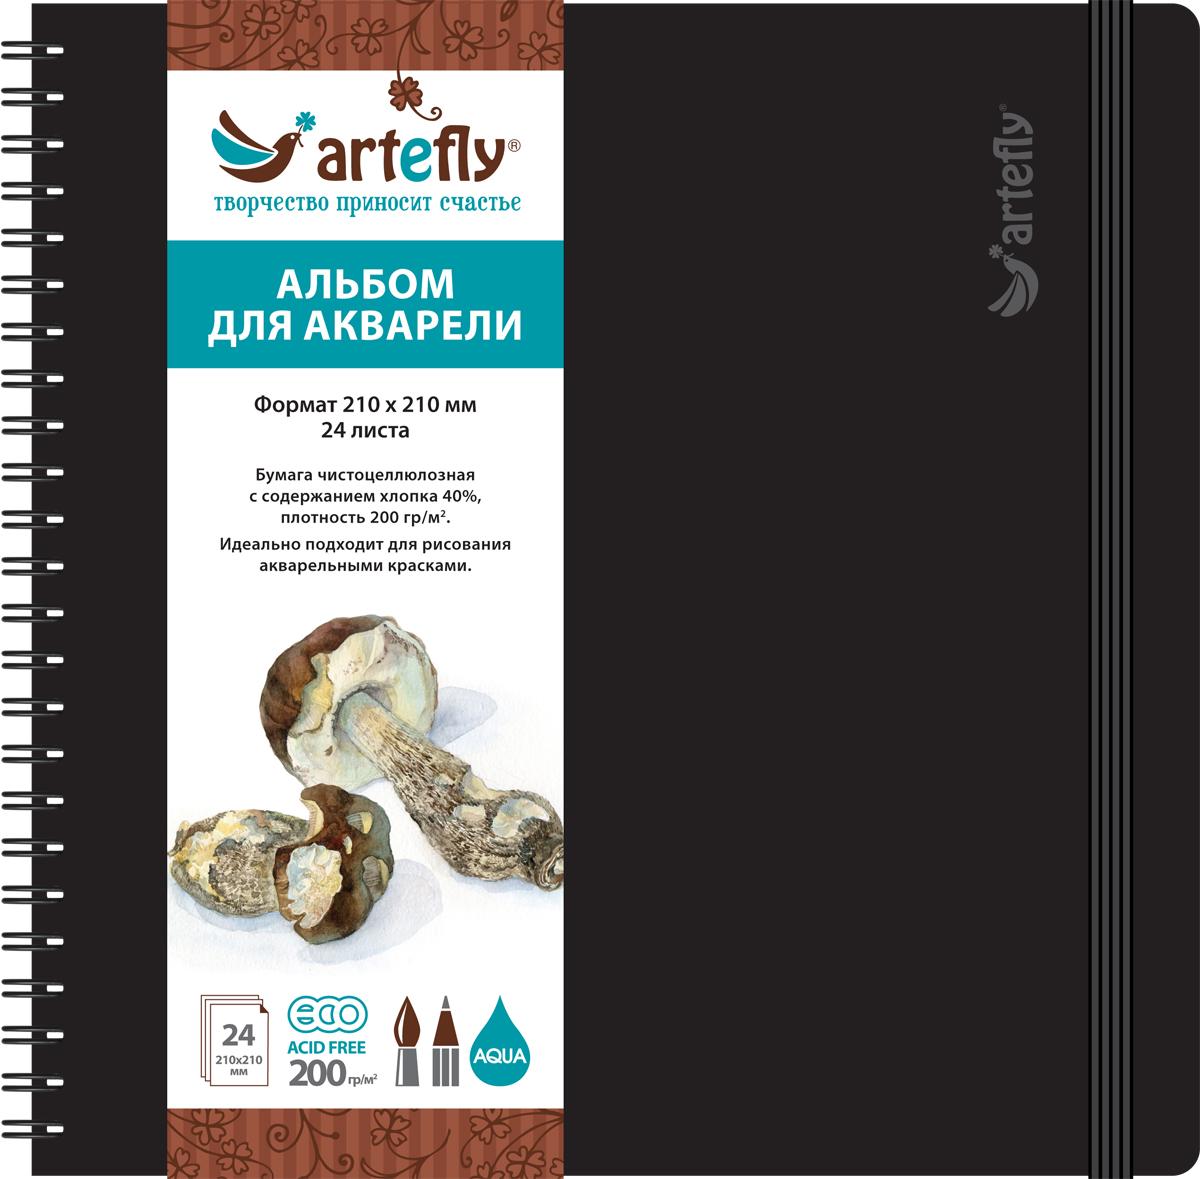 Artefly Альбом для акварели 24 листа 21 х 21 смAFNB-2241Альбом идеально подходит для рисования в нем акварельными красками. Удобная эластичная застежка защитит Вашу записную книжку. Переплет на спирали делает альбом еще более удобным и позволяет с легкостью переворачивать страницы.